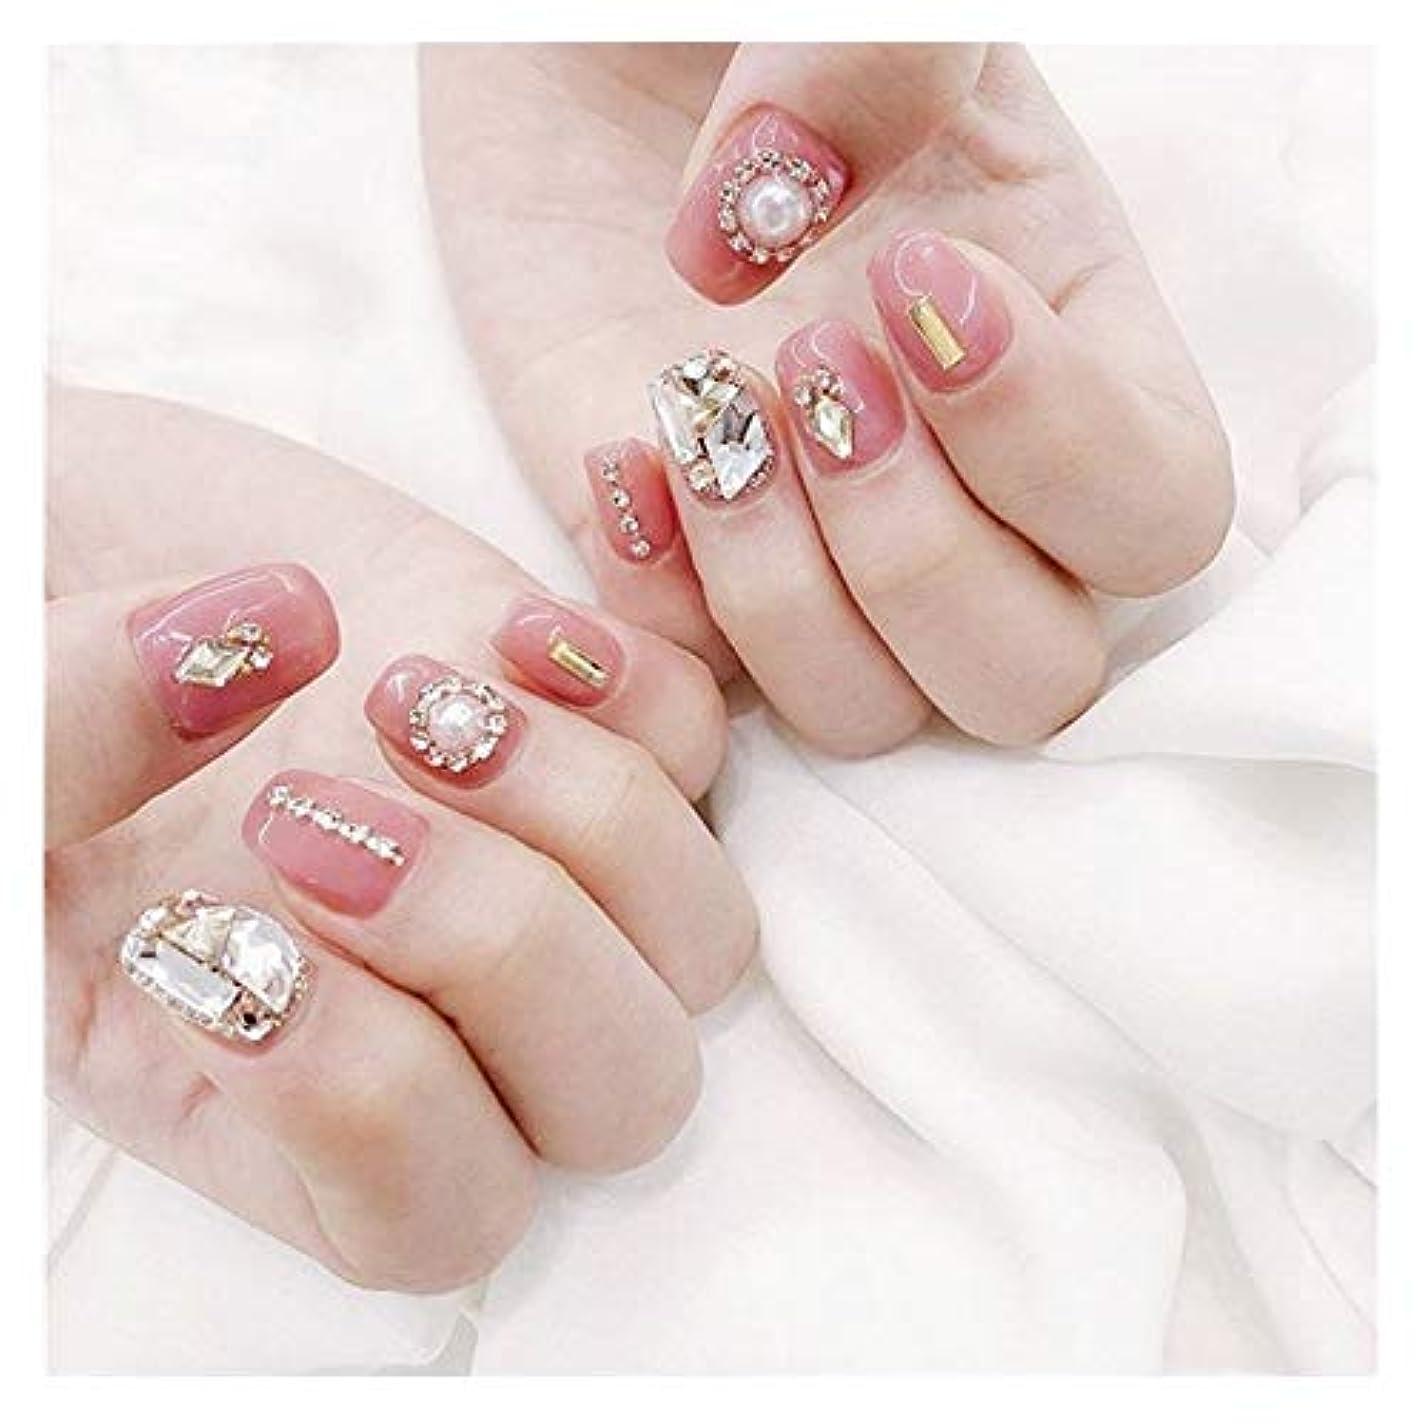 すきプレゼン罹患率HOHYLLYA ダイヤモンドのり偽の爪ピンクのかわいい花嫁フォトスタジオ完成ネイル偽の釘 (色 : 24 pieces)